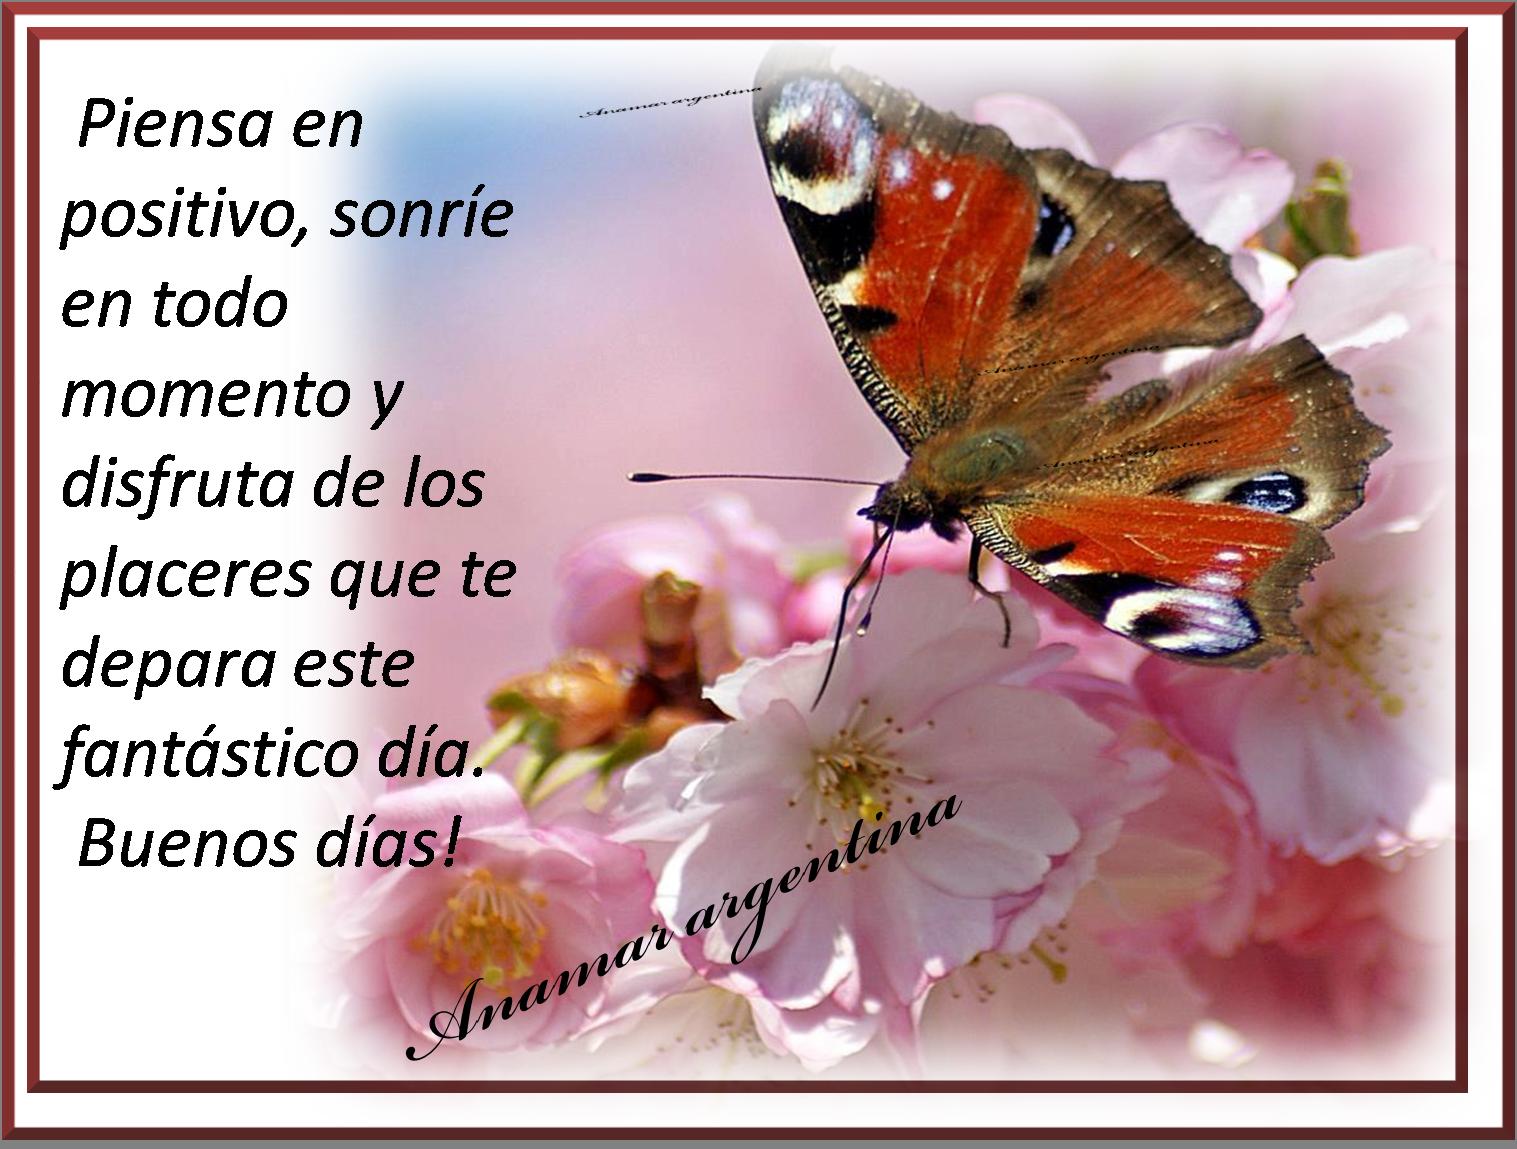 Imagenes Con Frases -domingo -anamar Argentina